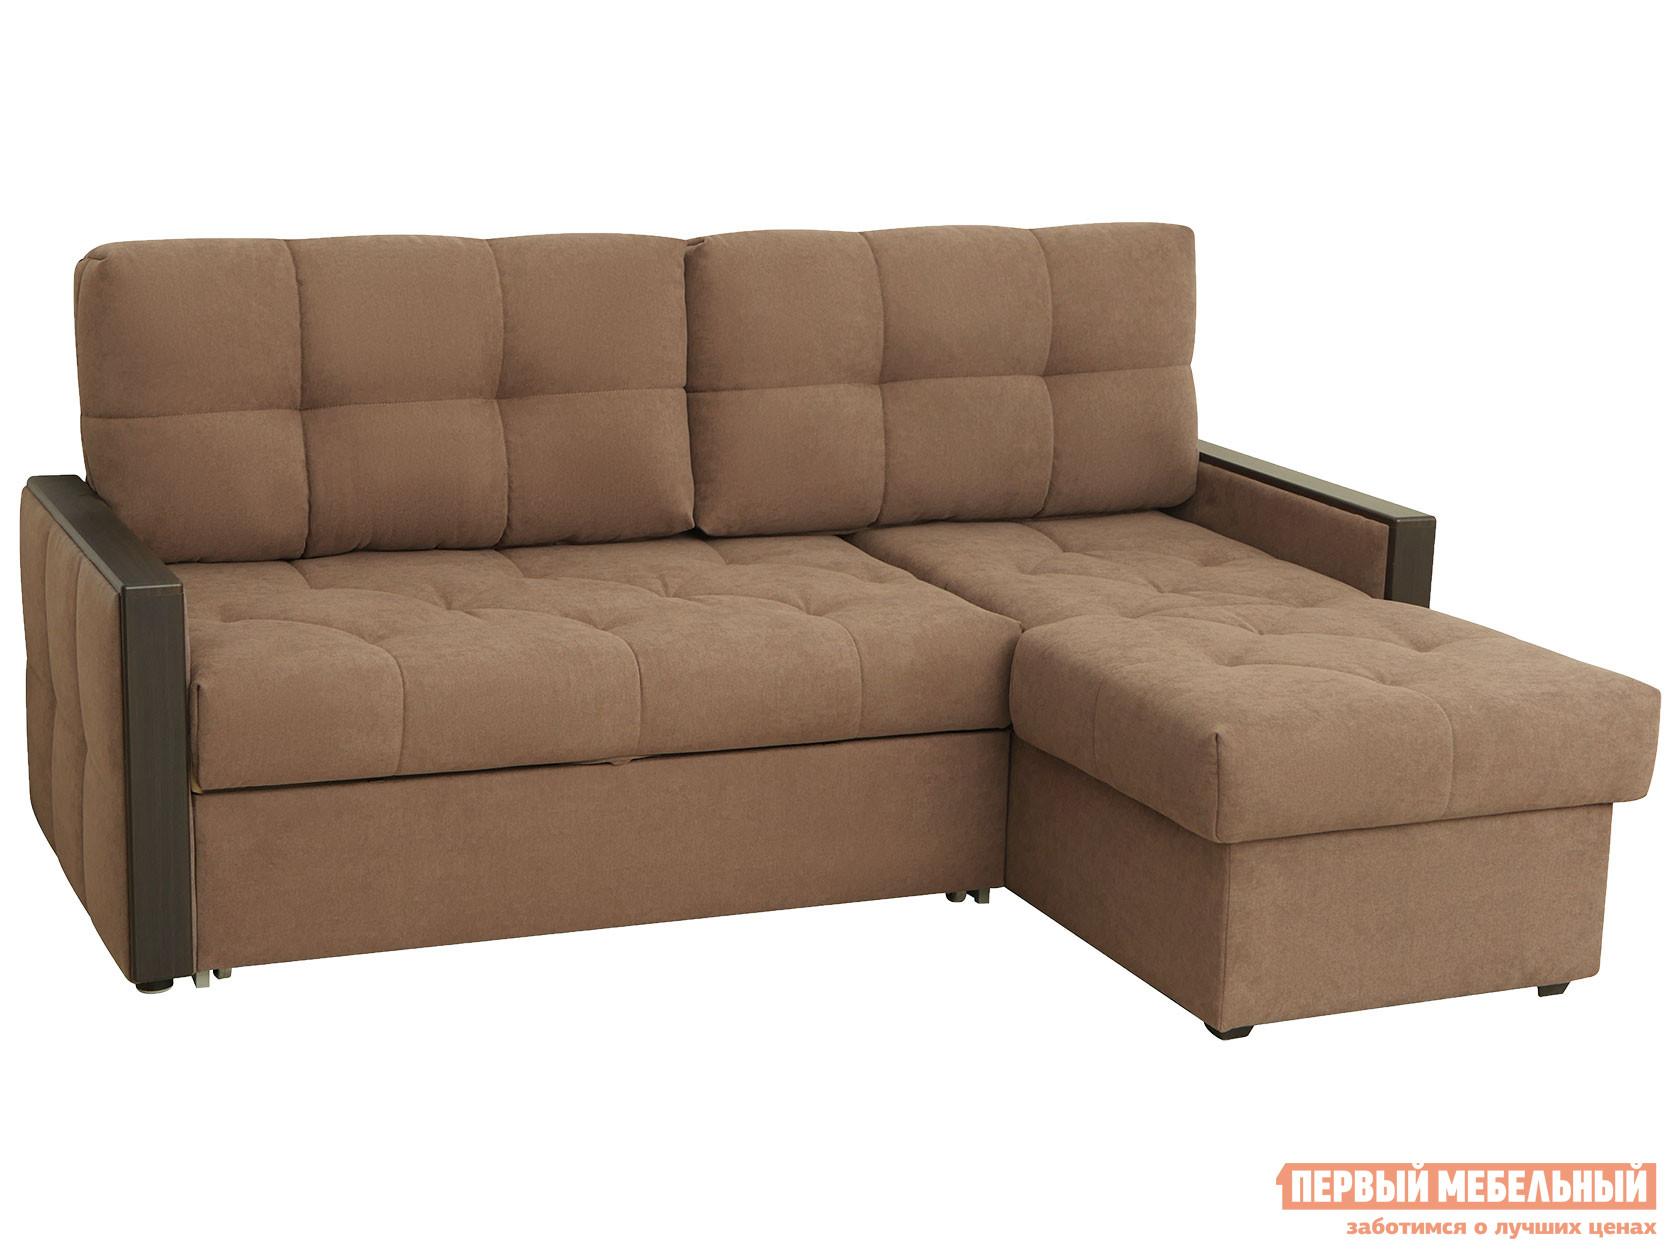 Угловой диван Первый Мебельный Диван Бруклин Люкс угловой чехол для углового дивана первый мебельный чехол на диван угловой стамбул